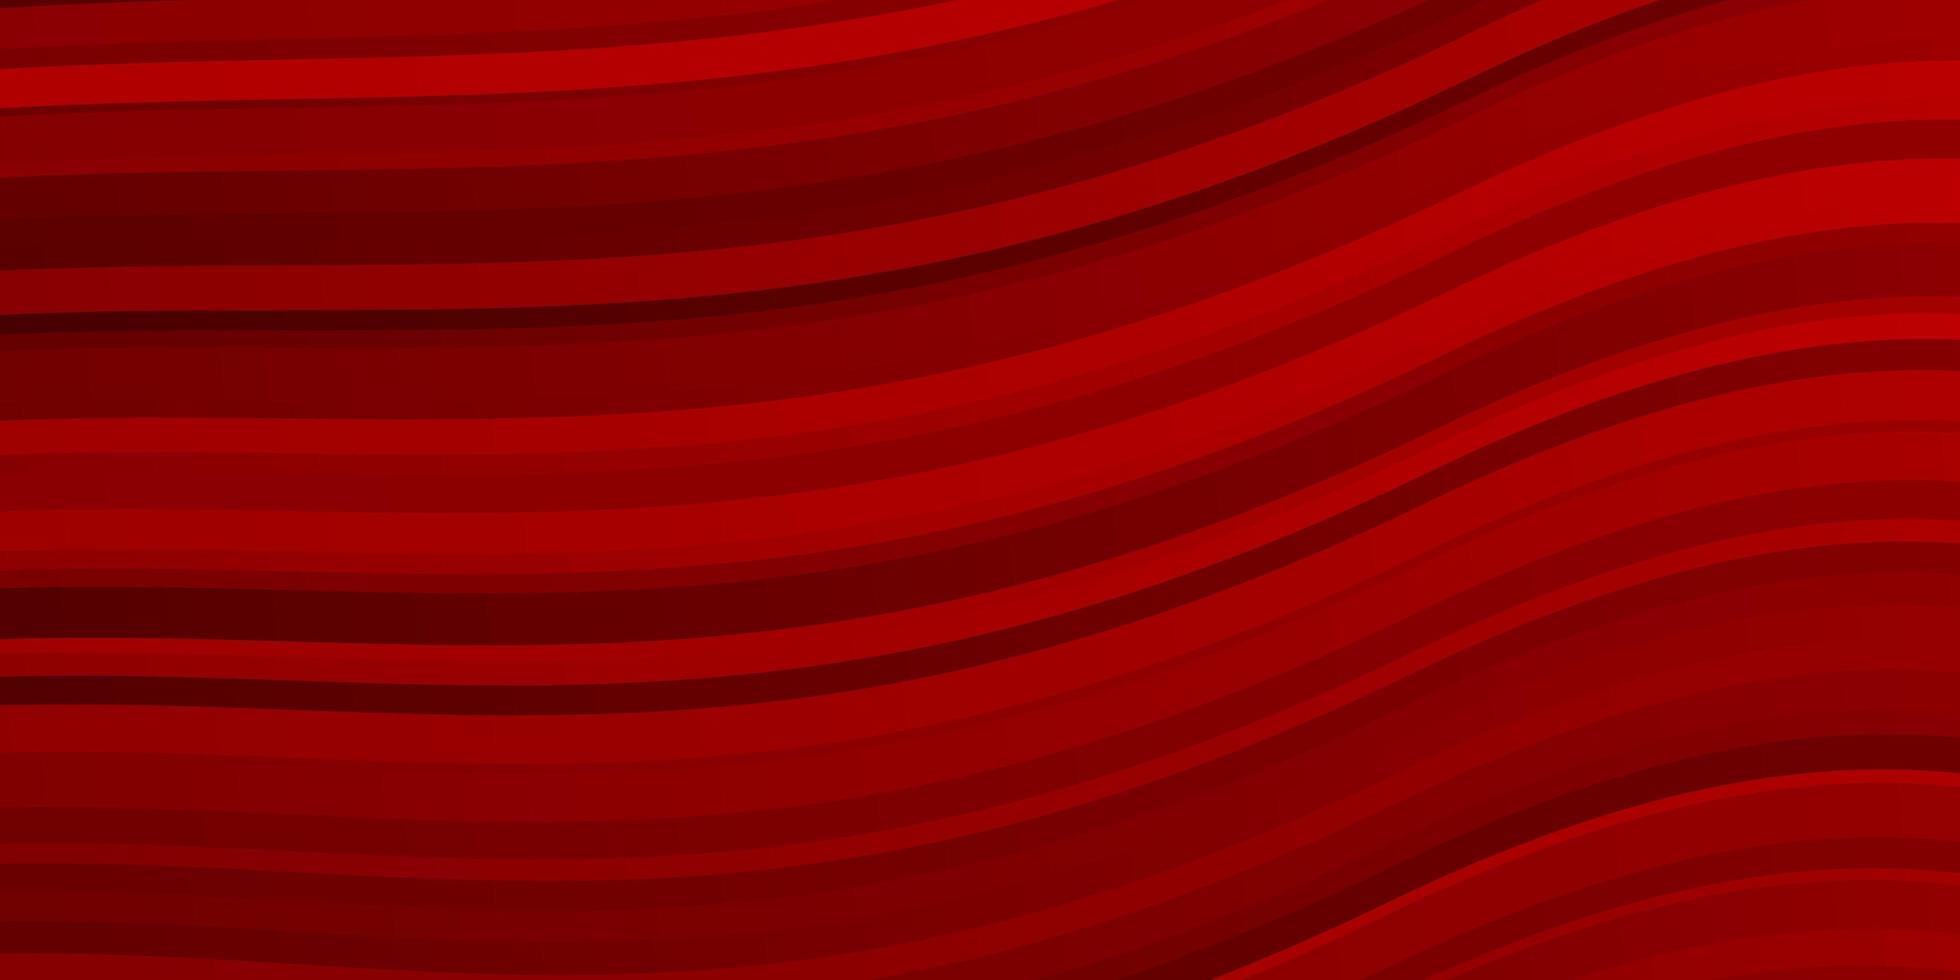 sfondo rosso scuro con linee curve. vettore